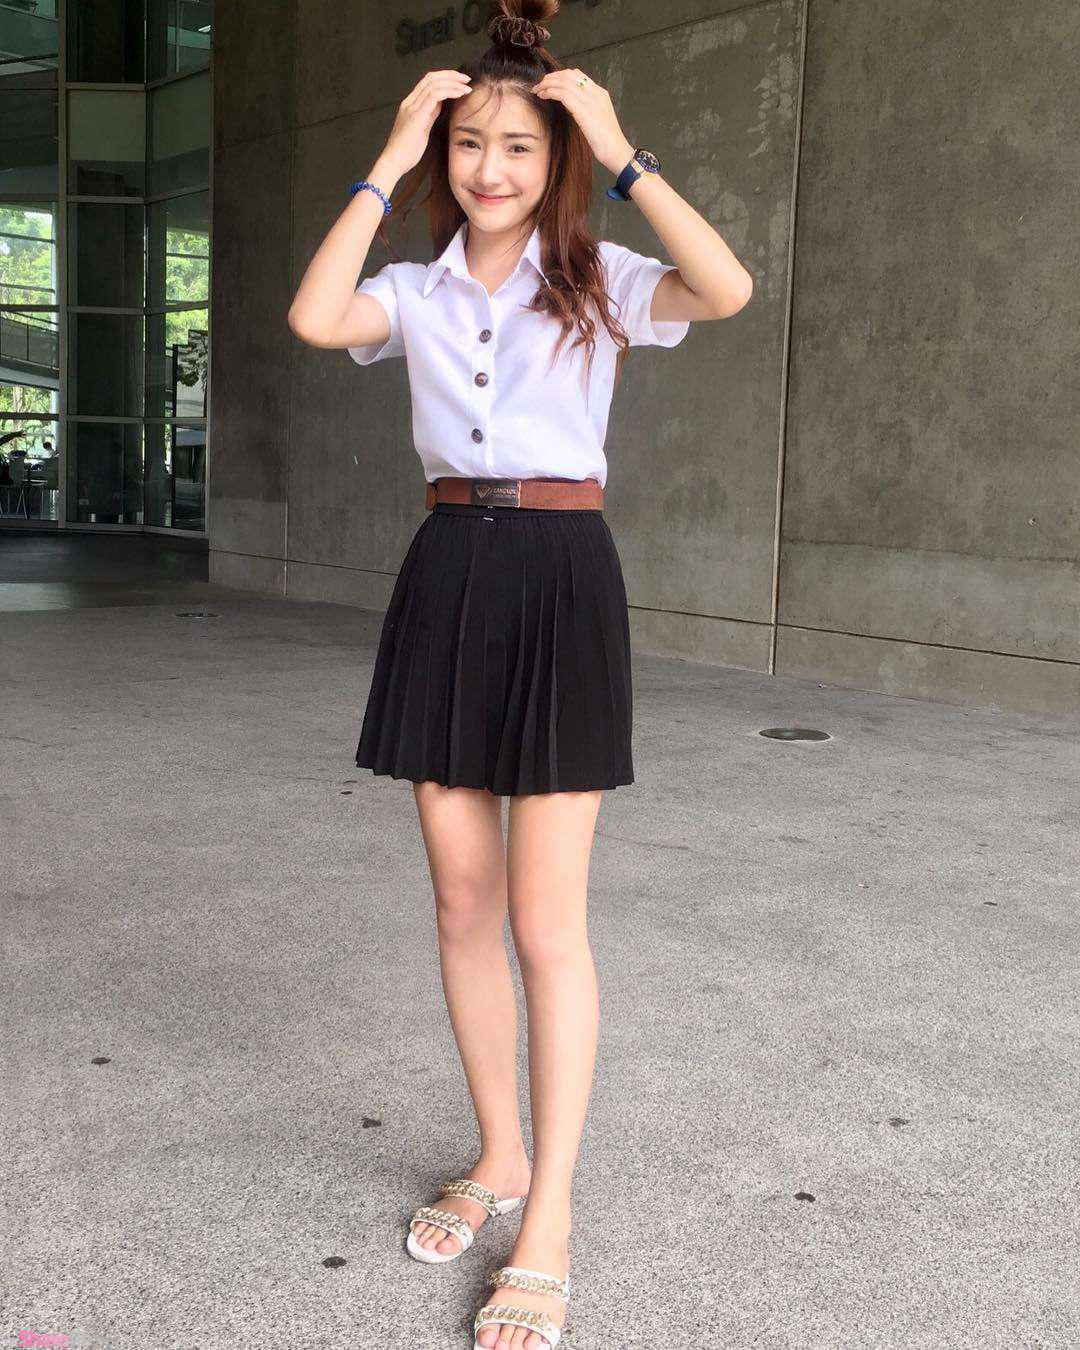 超正泰国学生正妹,衣服湿湿了若隐若现的美